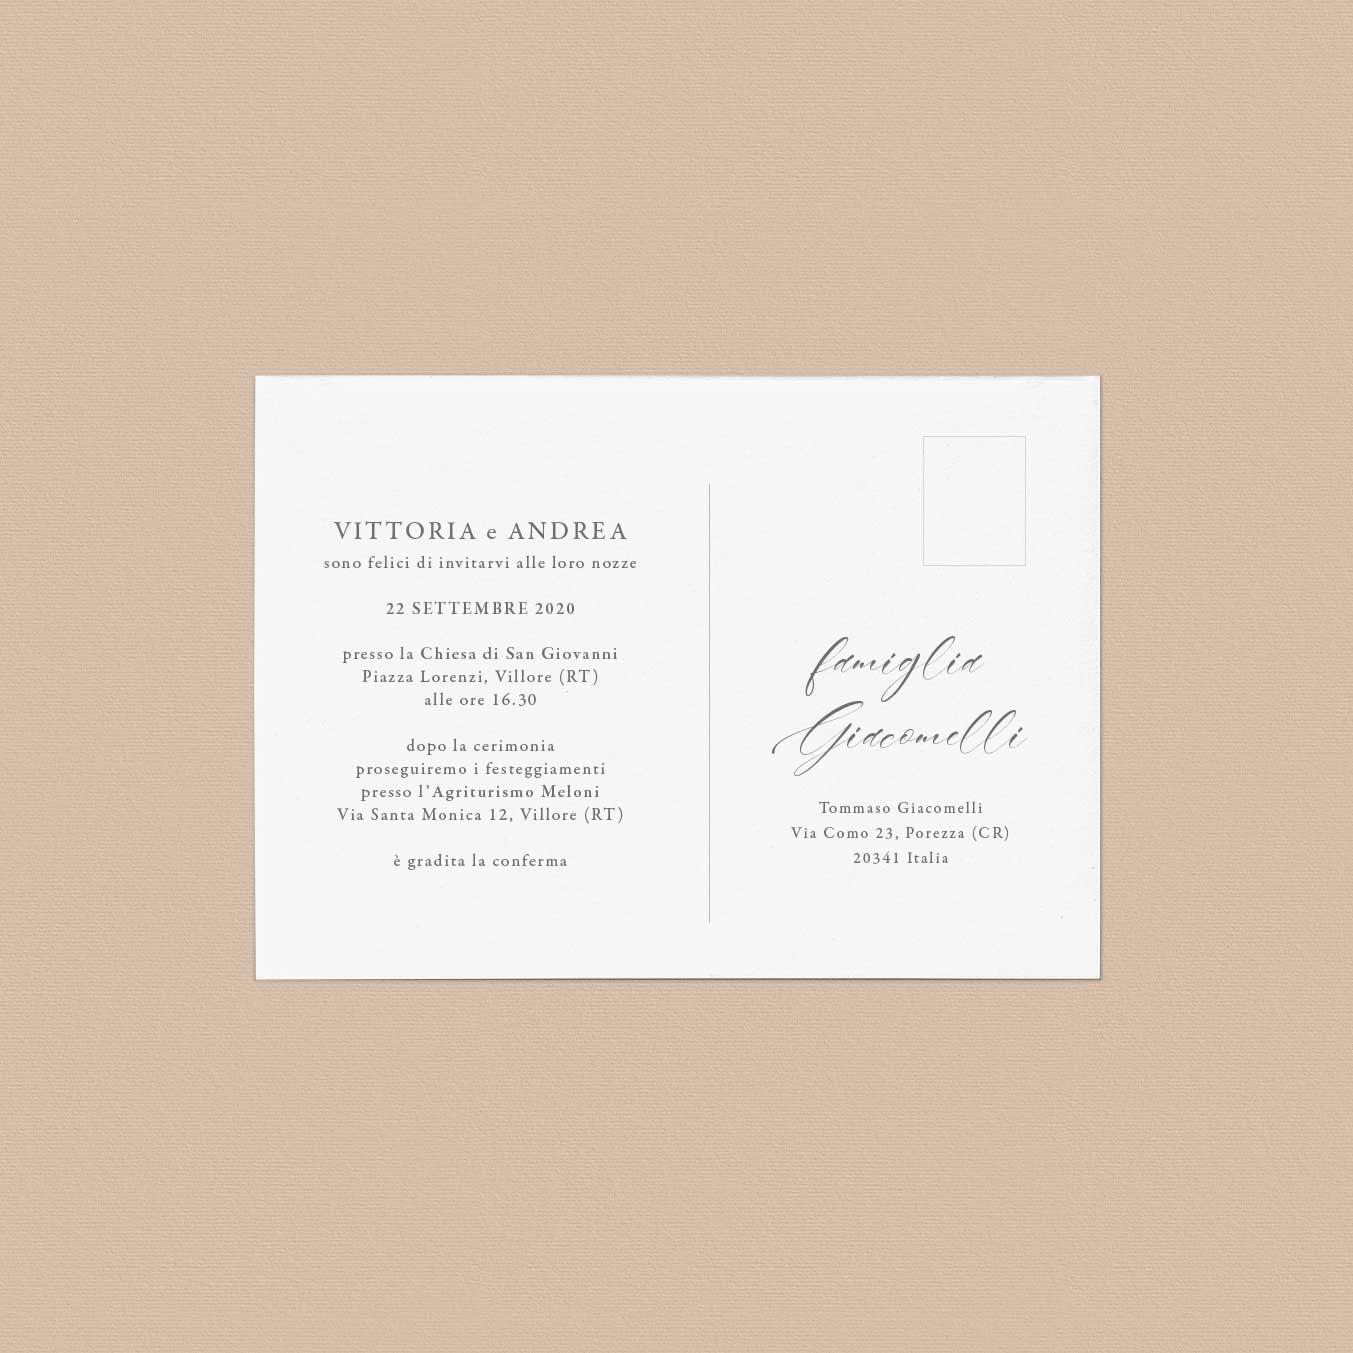 Inviti-partecipazioni-matrimonio-nozze-wedding-invitation-cartolina-postcard-vintage-particolare-tema-rustico-elegante-originale-idea